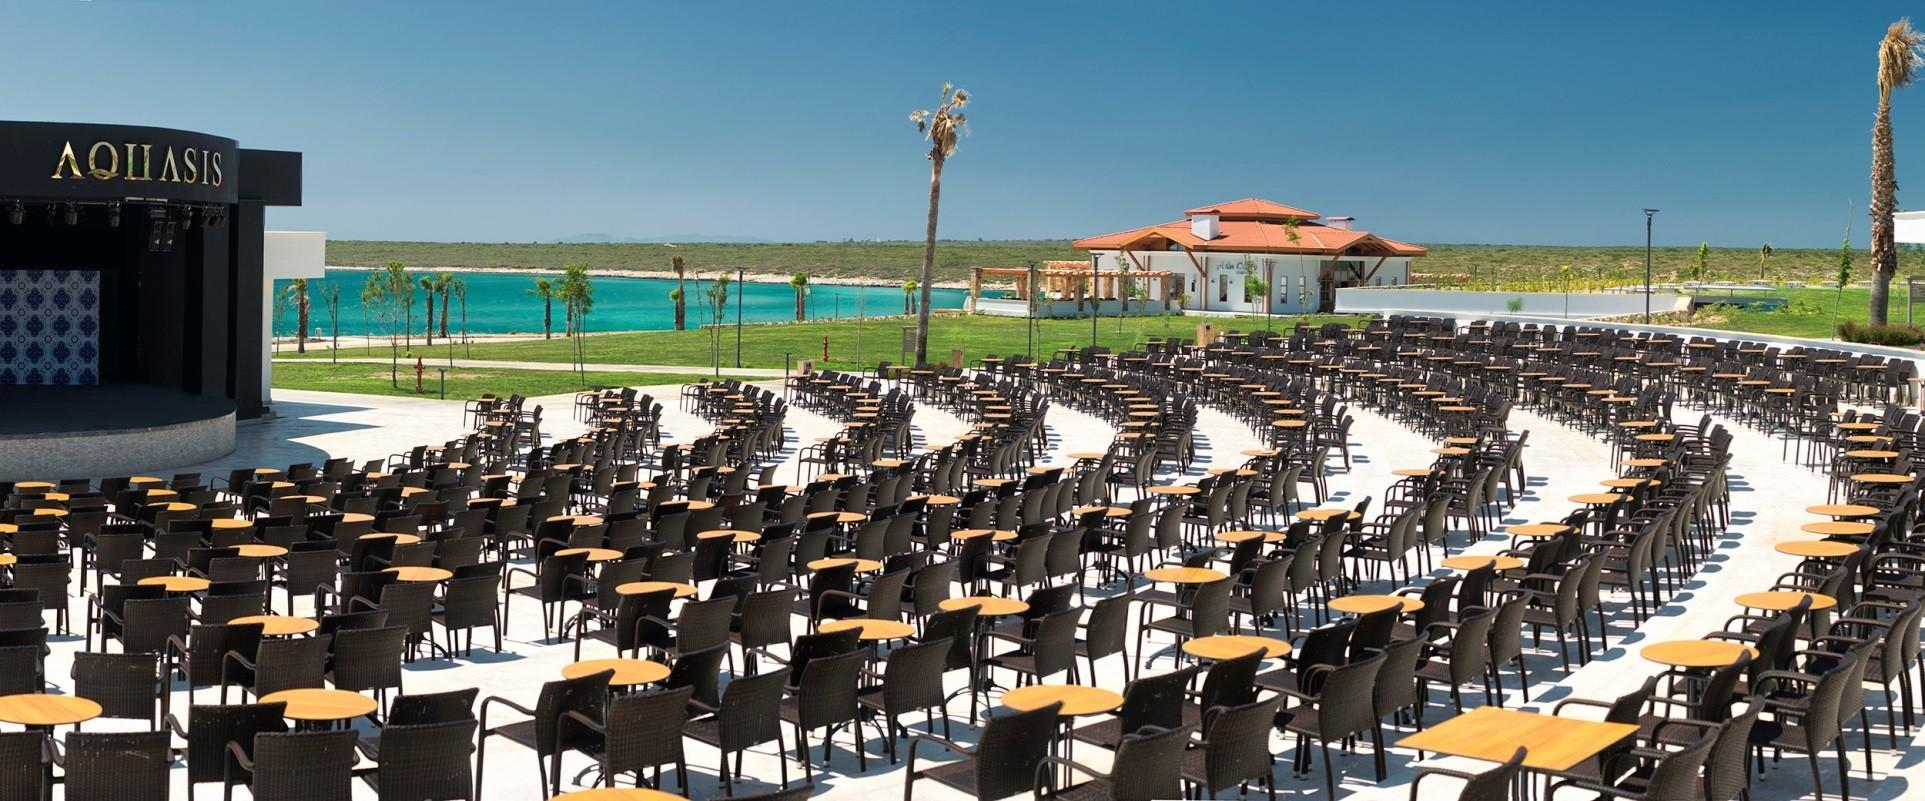 Aquasis De Luxe Resort & Spa - амфитеатър